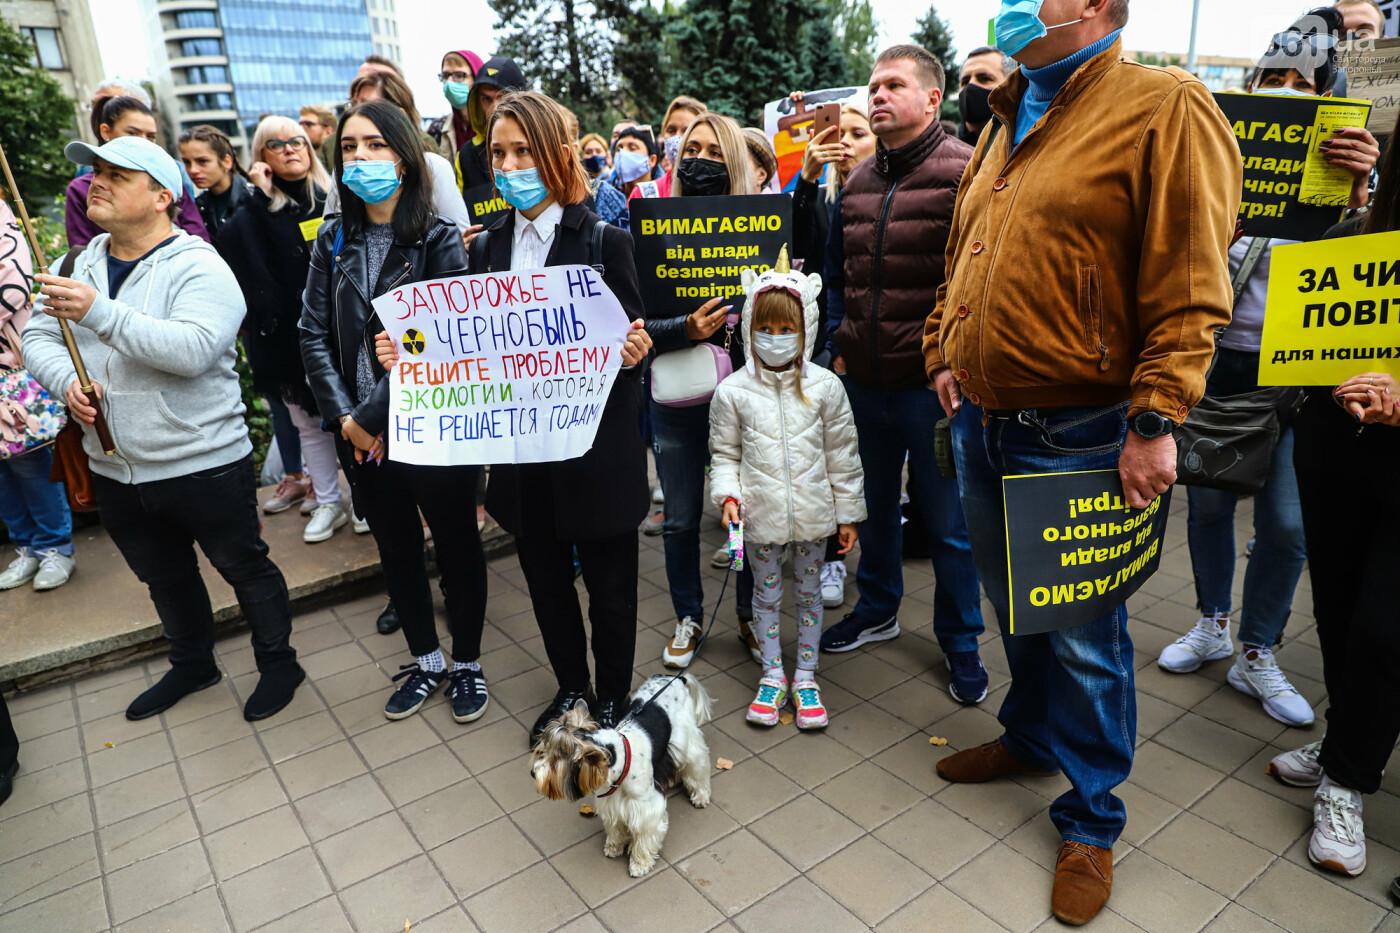 Маю право дихати: тысячи запорожцев вышли на экологический митинг, ФОТО, ВИДЕО, фото-46